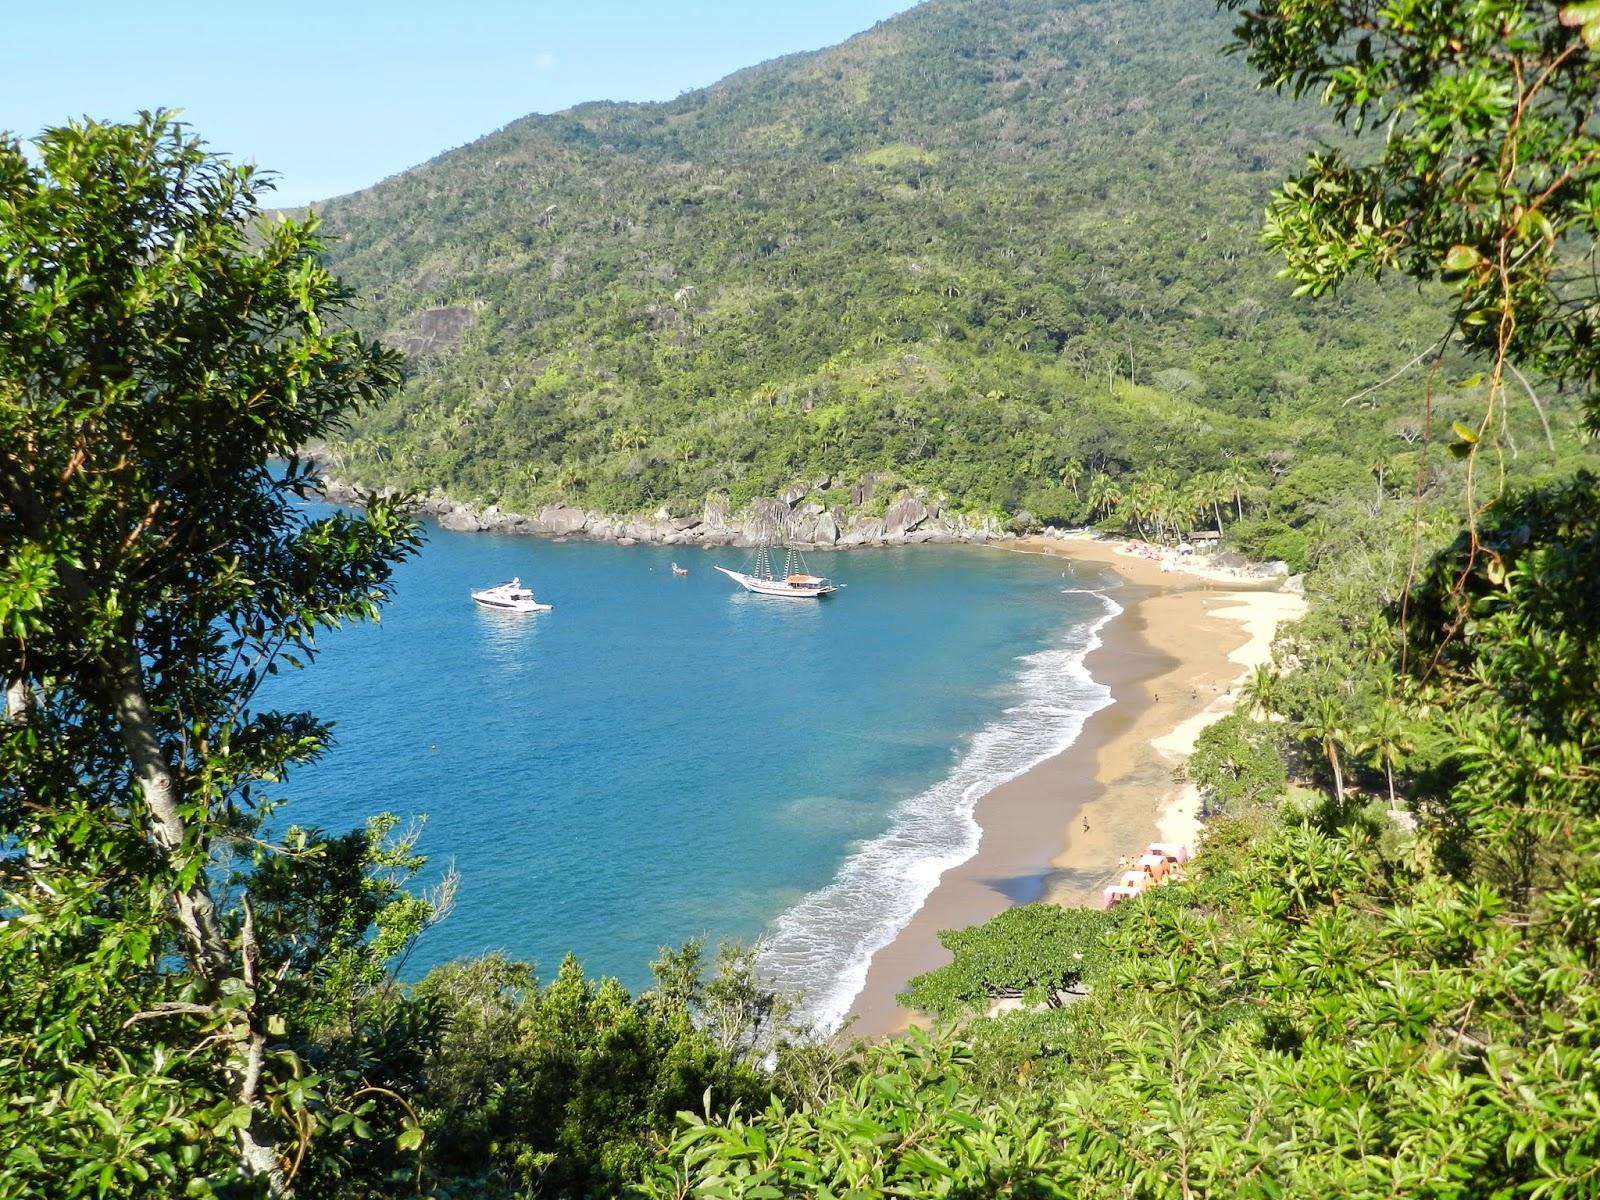 Praia do Jabaquara llha Bela